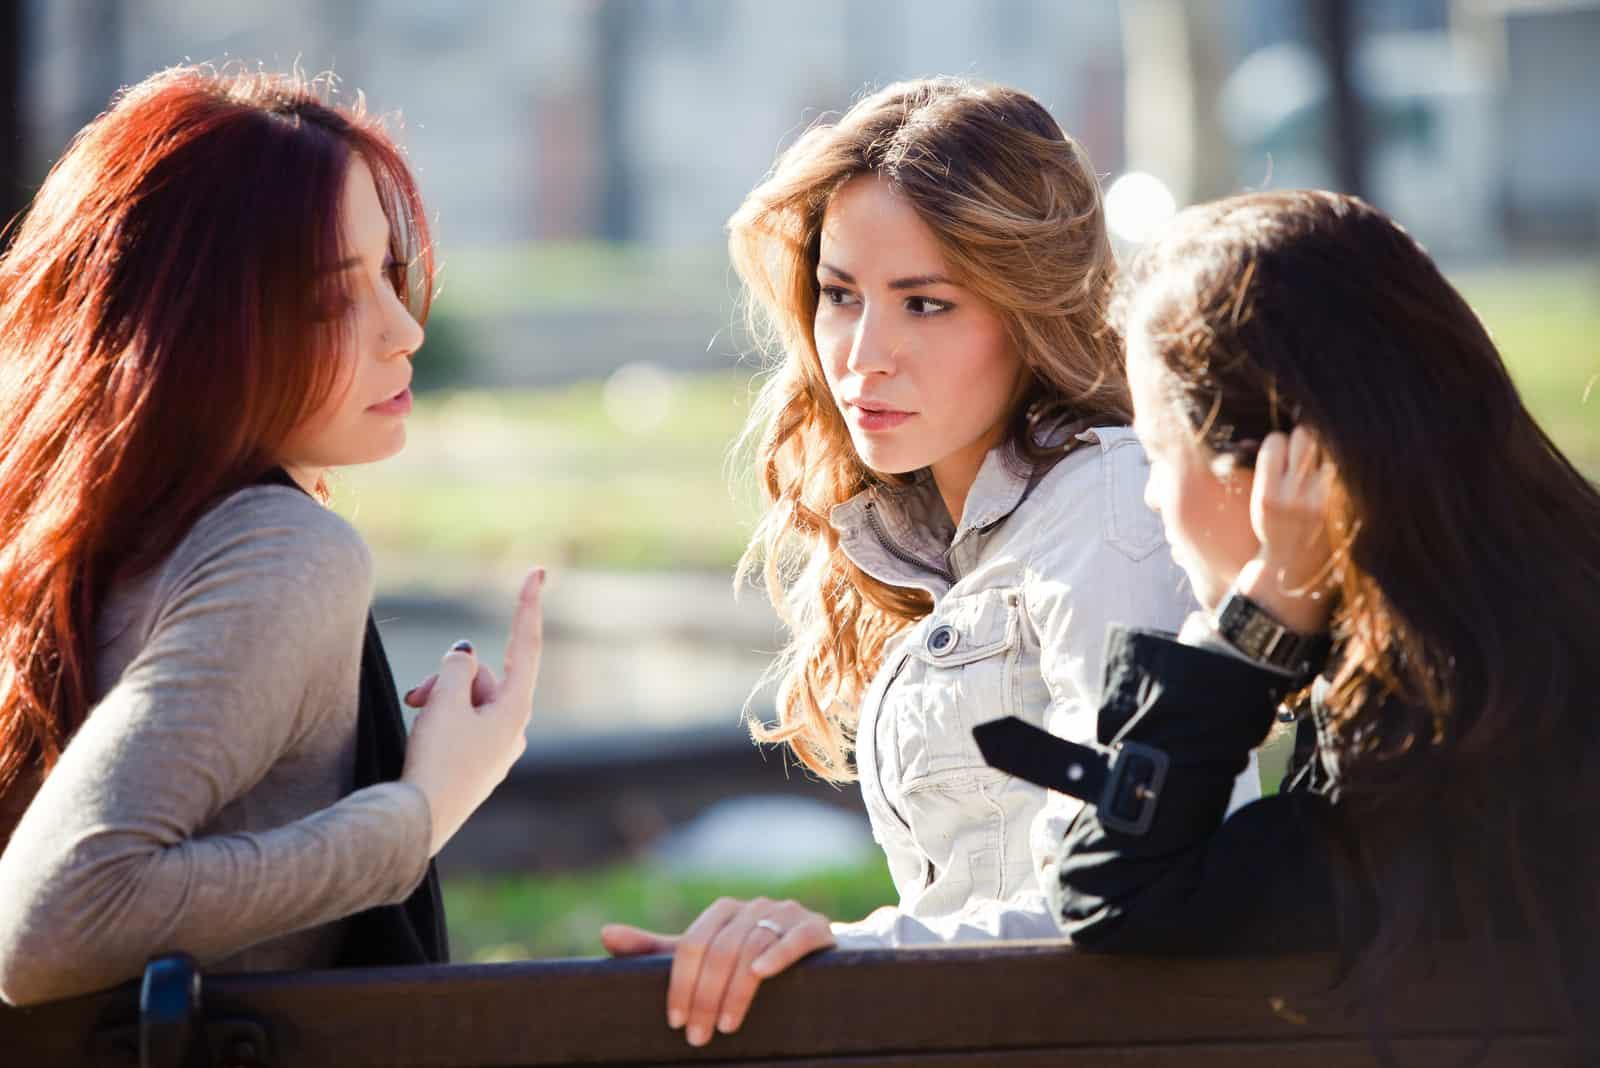 Groupe de copines parlant dans le parc, journée ensoleillée d'automne